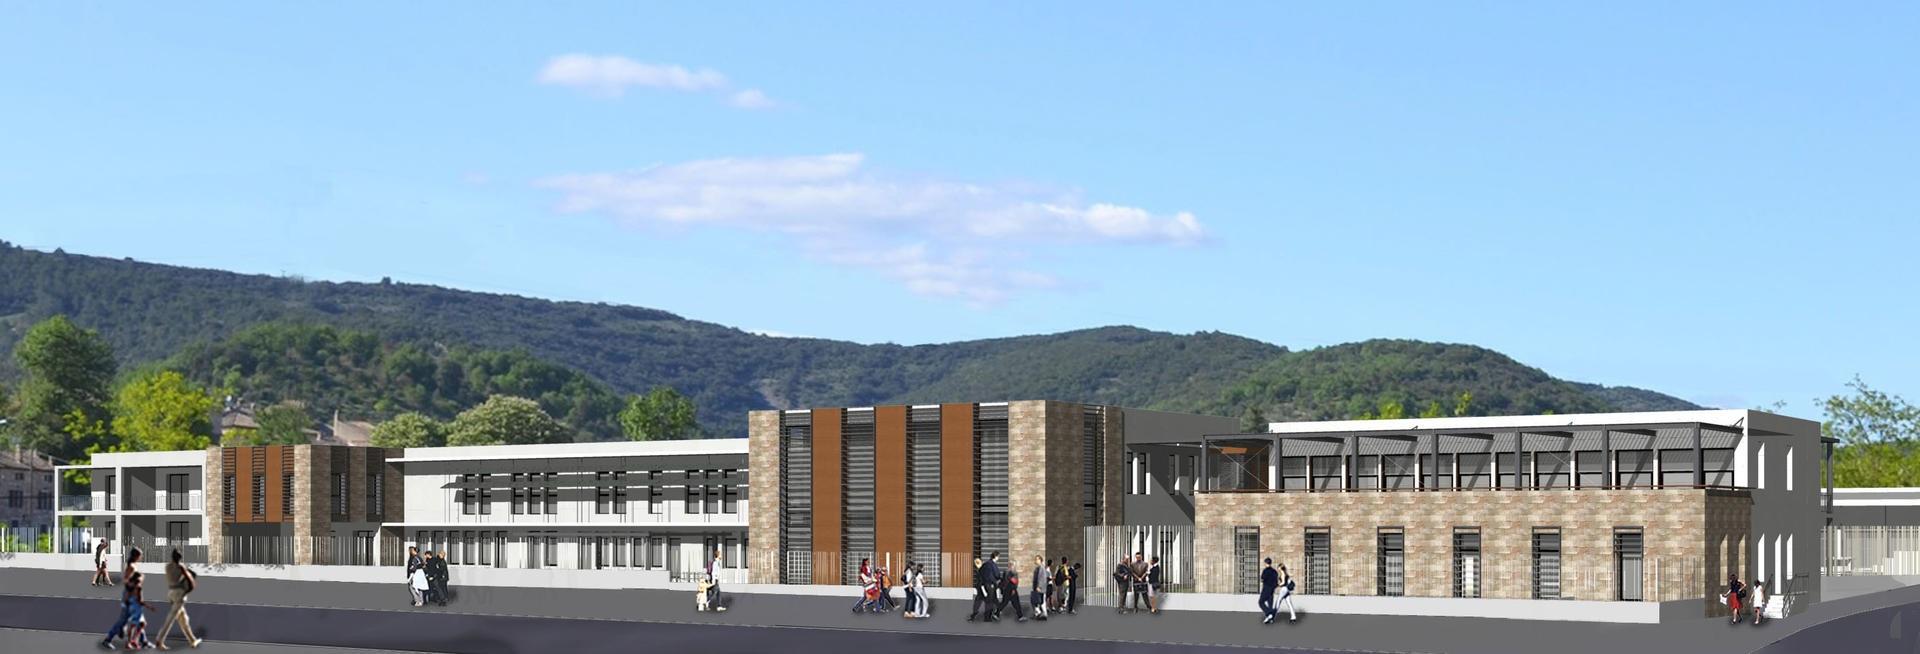 Nouveau collège de Vallon Pont d'Arc - Projet